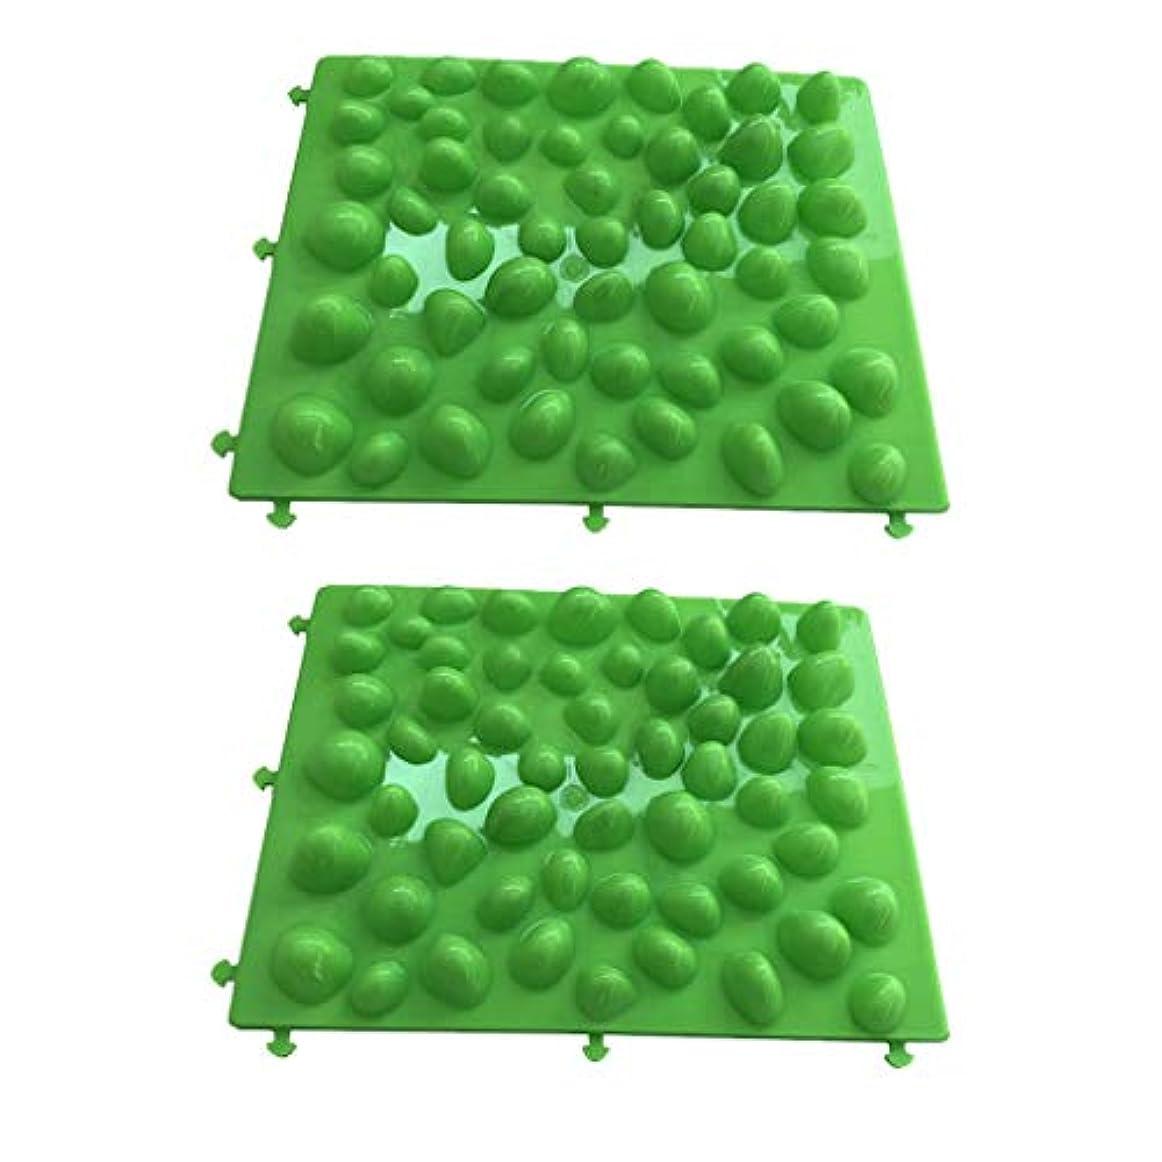 渦苦しめる石灰岩足つぼ フットマット フットマッサージ 足のマッサージパッド 人工石 プラスチック 血行促進 2個入